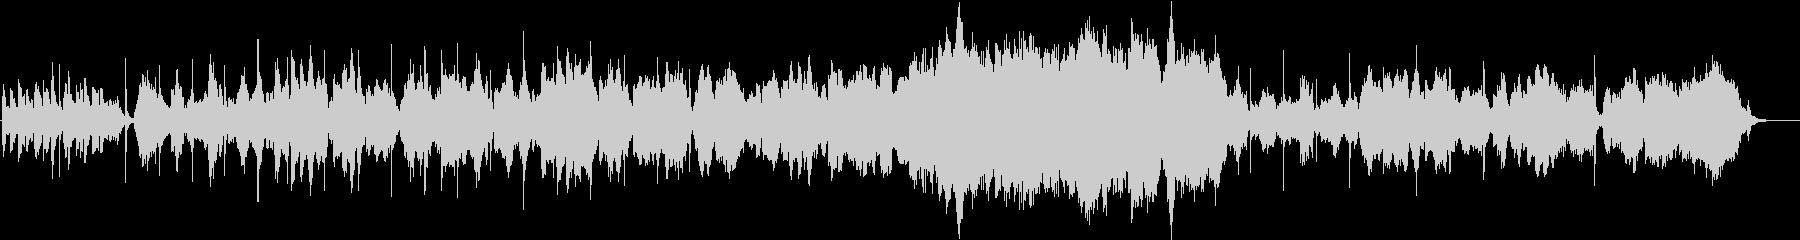 二胡が奏でる切ないメロディの未再生の波形